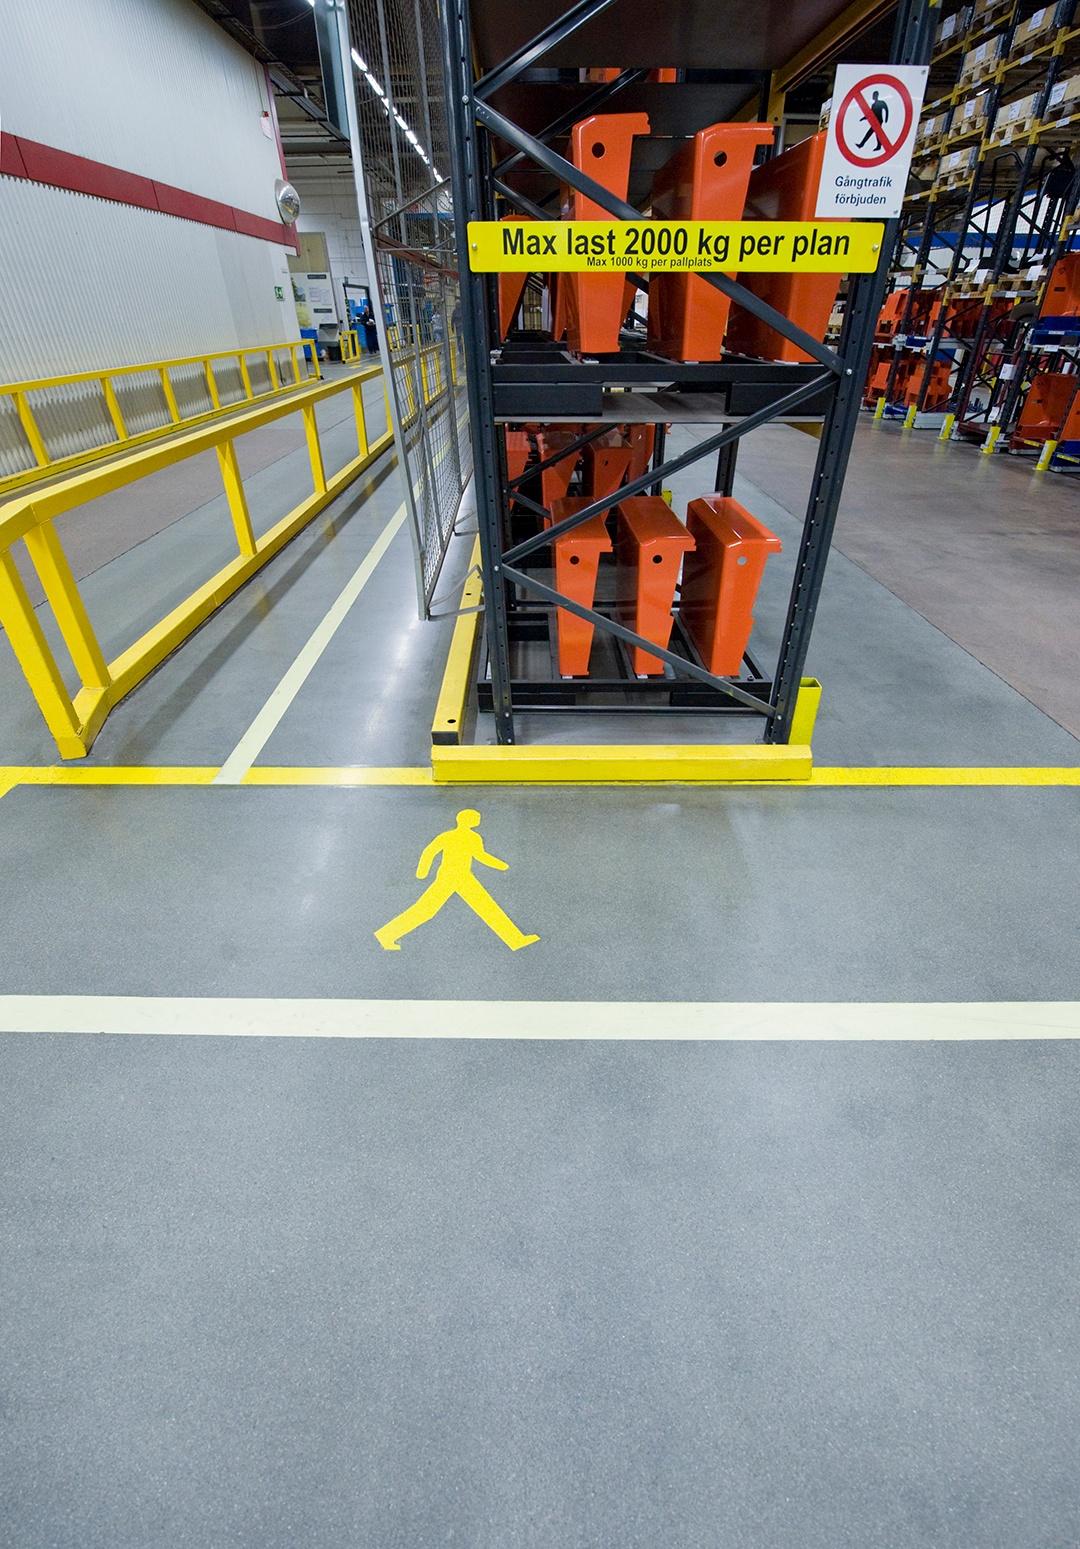 tps-safety-factory_HI_10357_72dpi